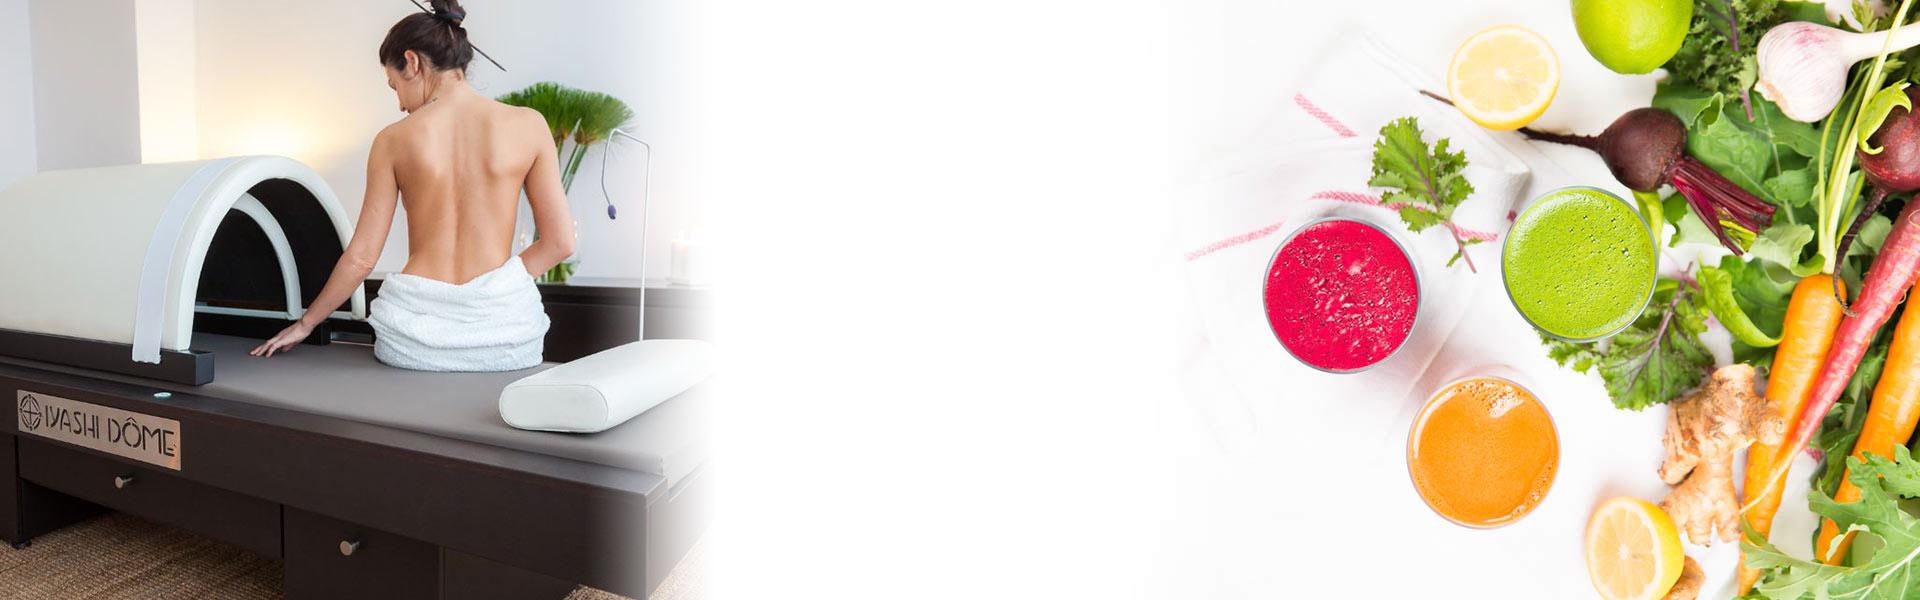 Iyashi-Dome-banner